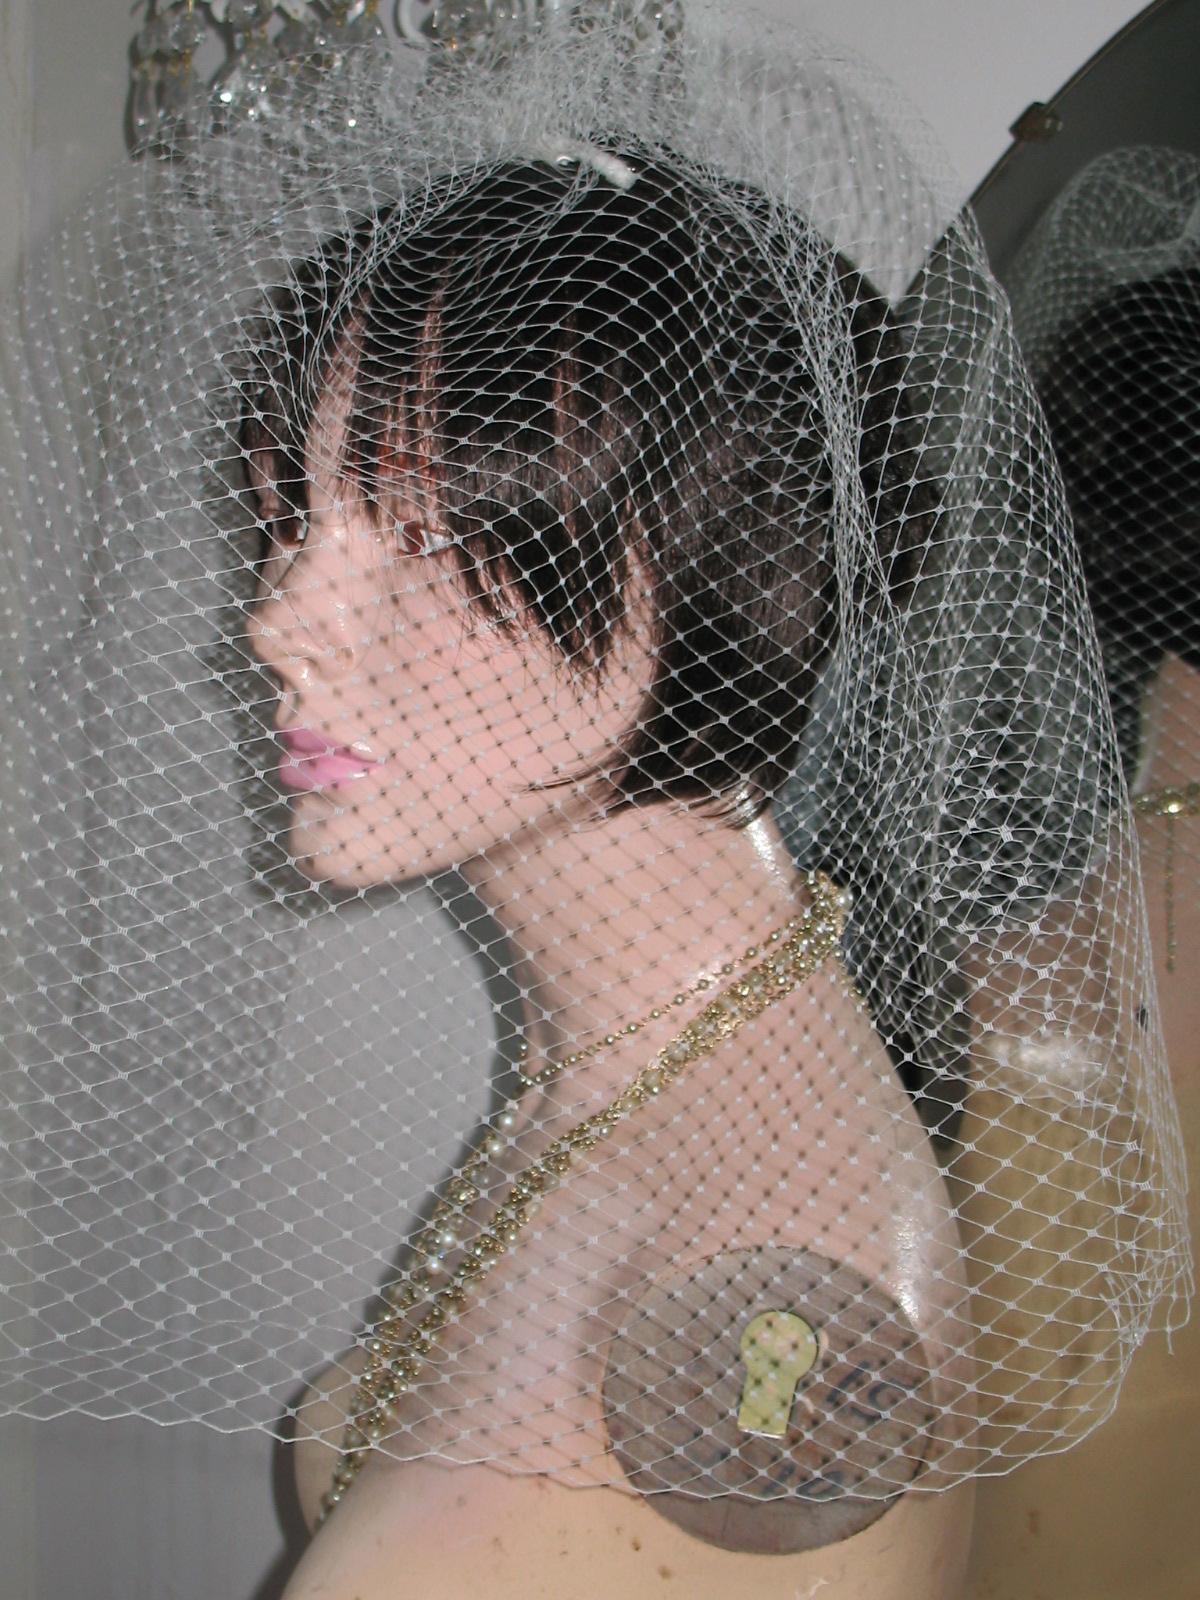 http://4.bp.blogspot.com/_ZByZtQt4XYw/TCTEOR2obsI/AAAAAAAAFWc/u1NSLtGpaxQ/s1600/IMG_0041.JPG